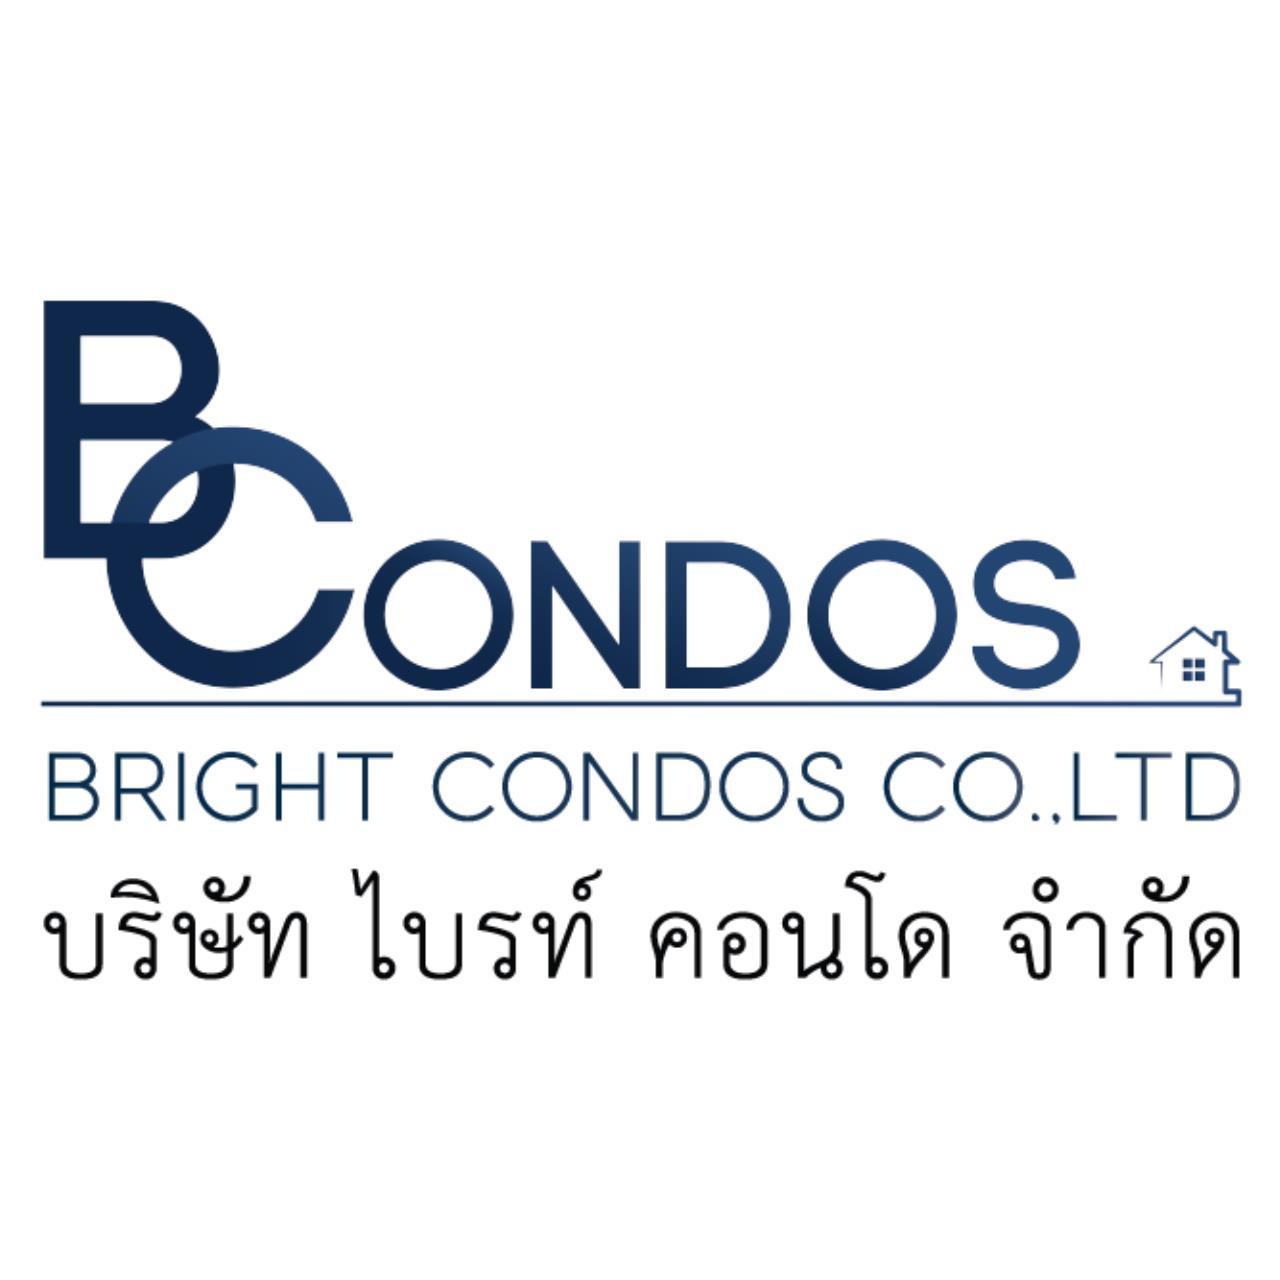 Bright Condos logo